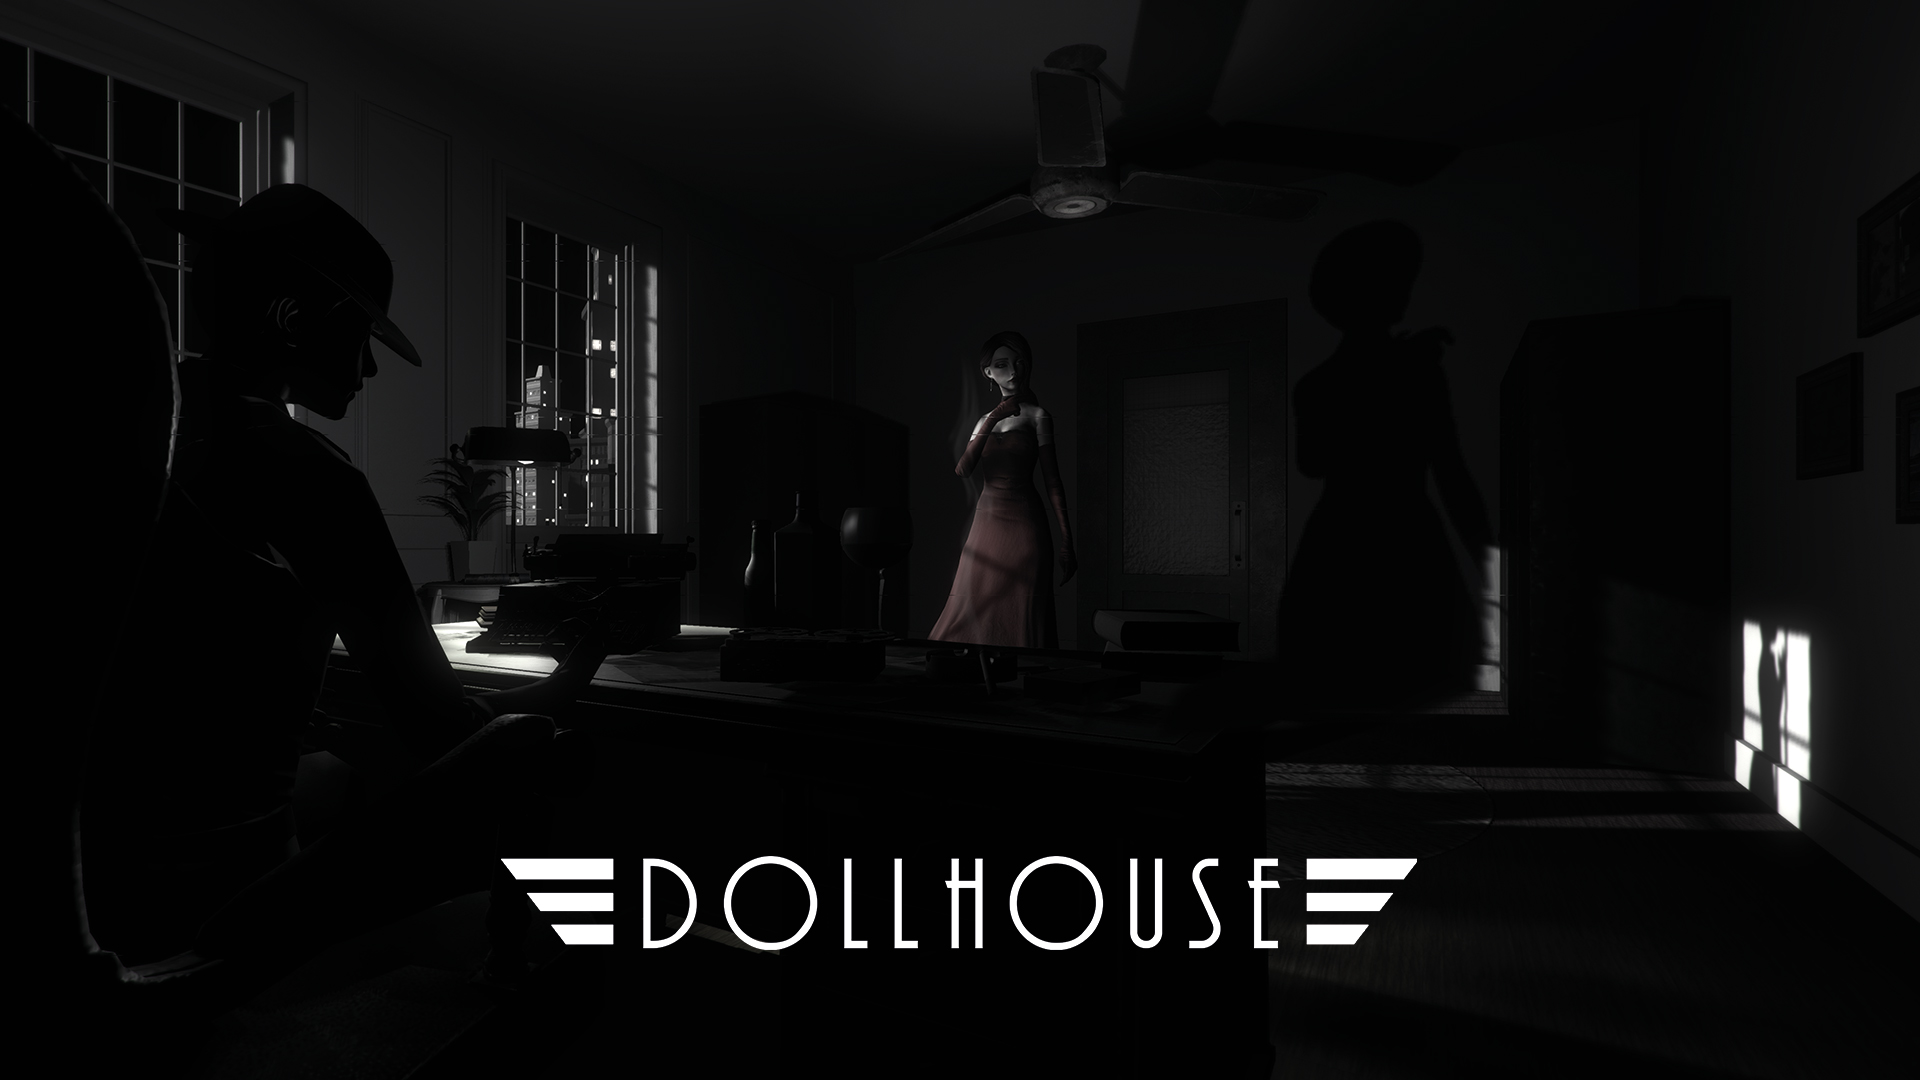 زمان برگزاری بتای عمومی بازی Dollhouse برروی رایانههای شخصی مشخص شد